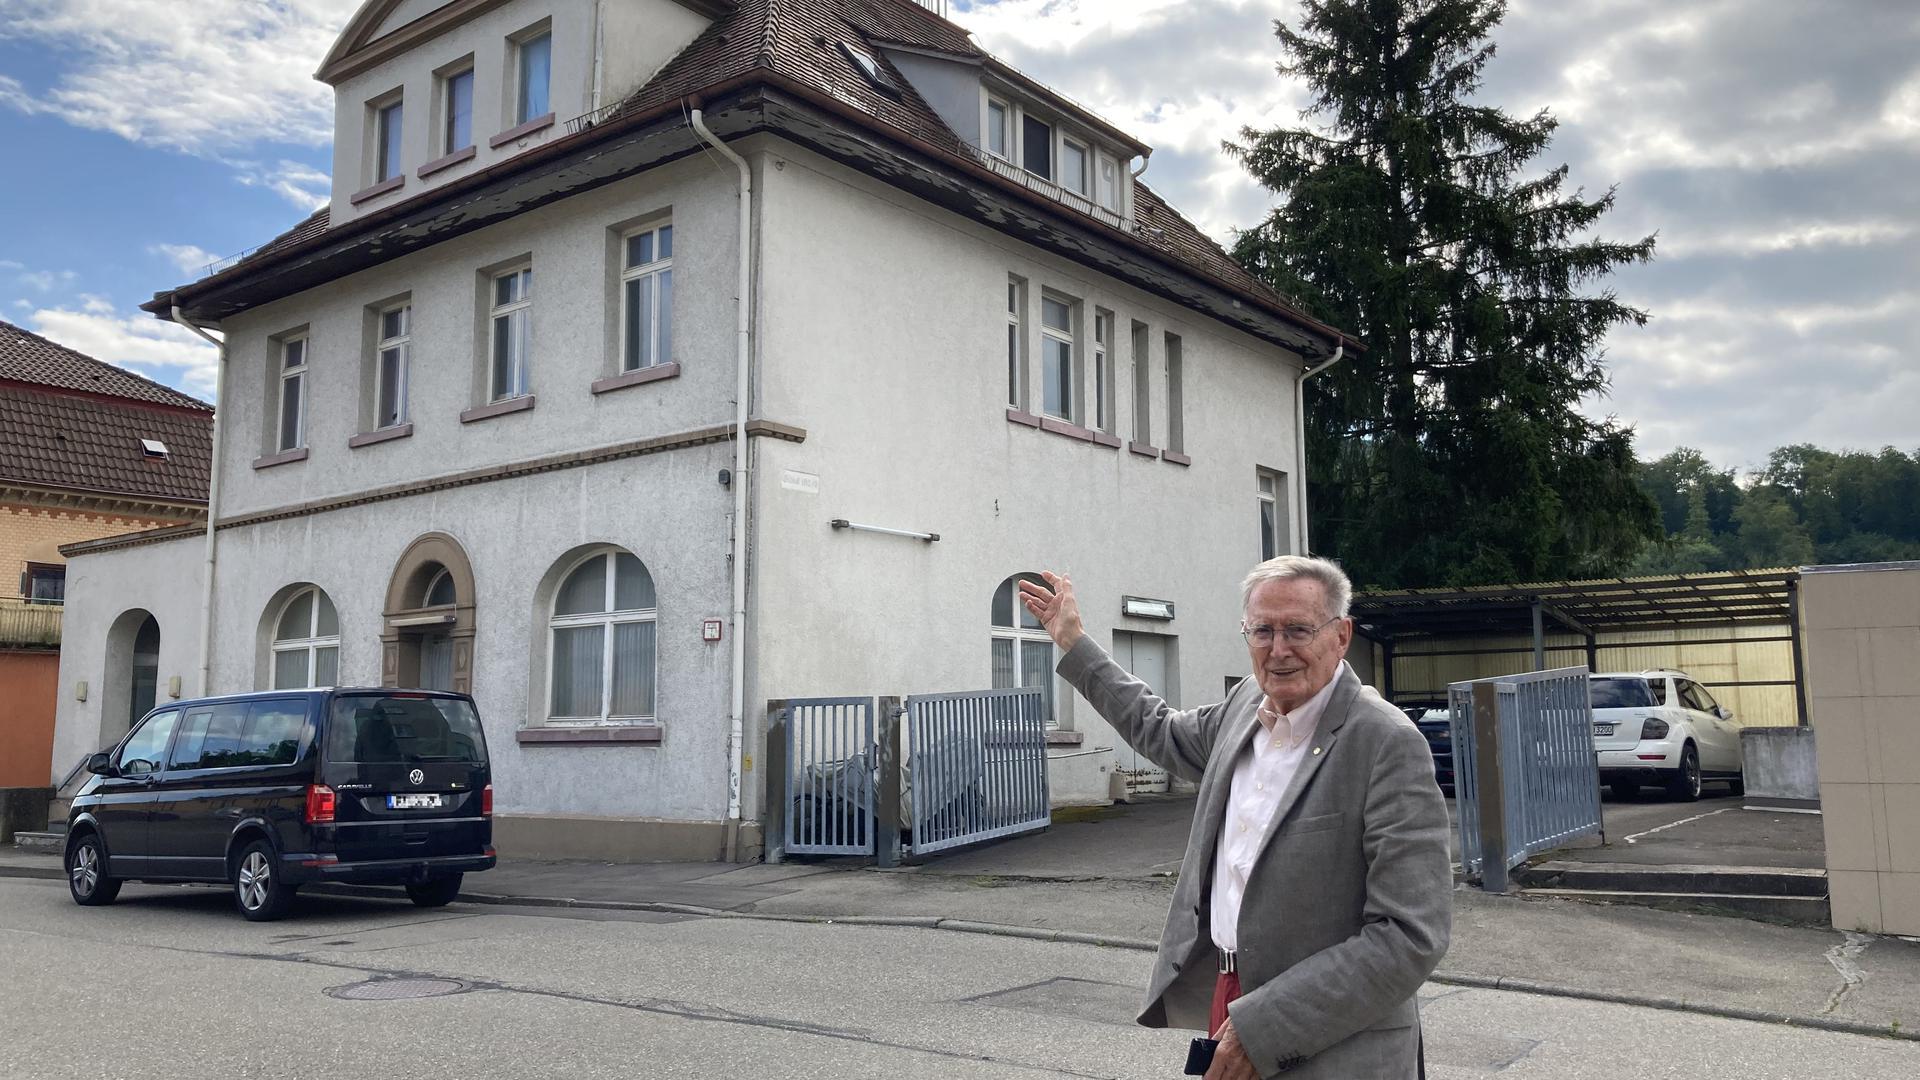 Mann steht vor einem Haus